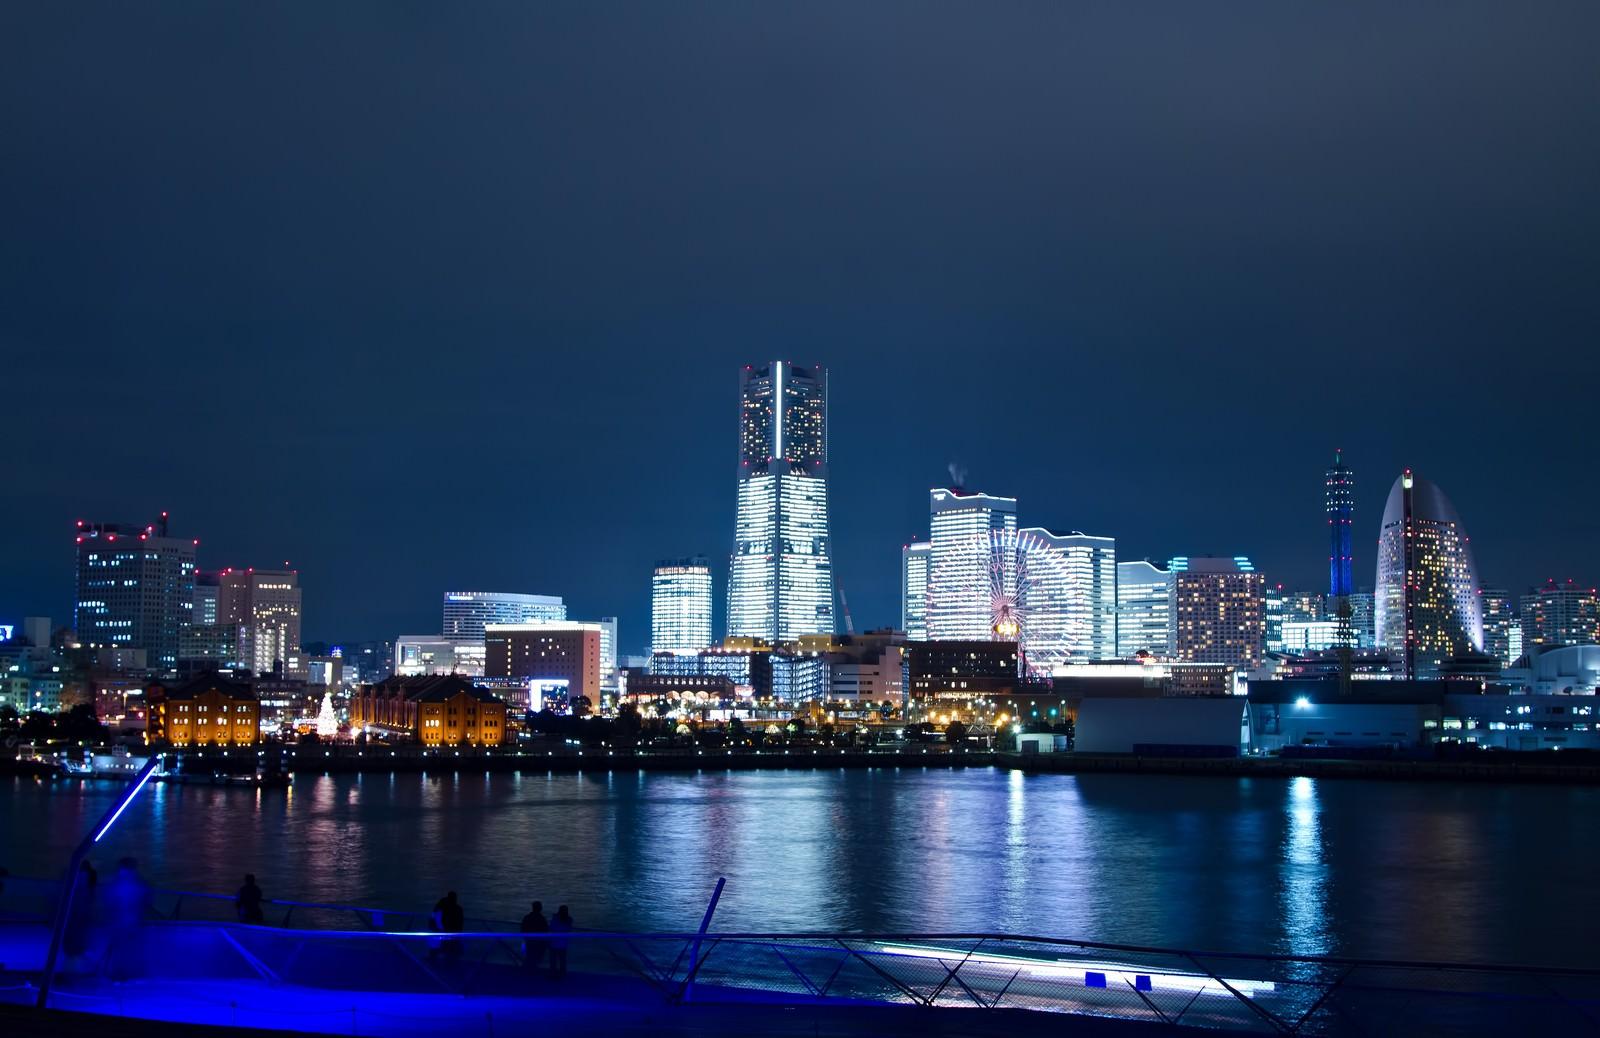 大桟橋からみなとみらいの夜景の写真(画像)を無料ダウンロード - フリー素材のぱくたそ